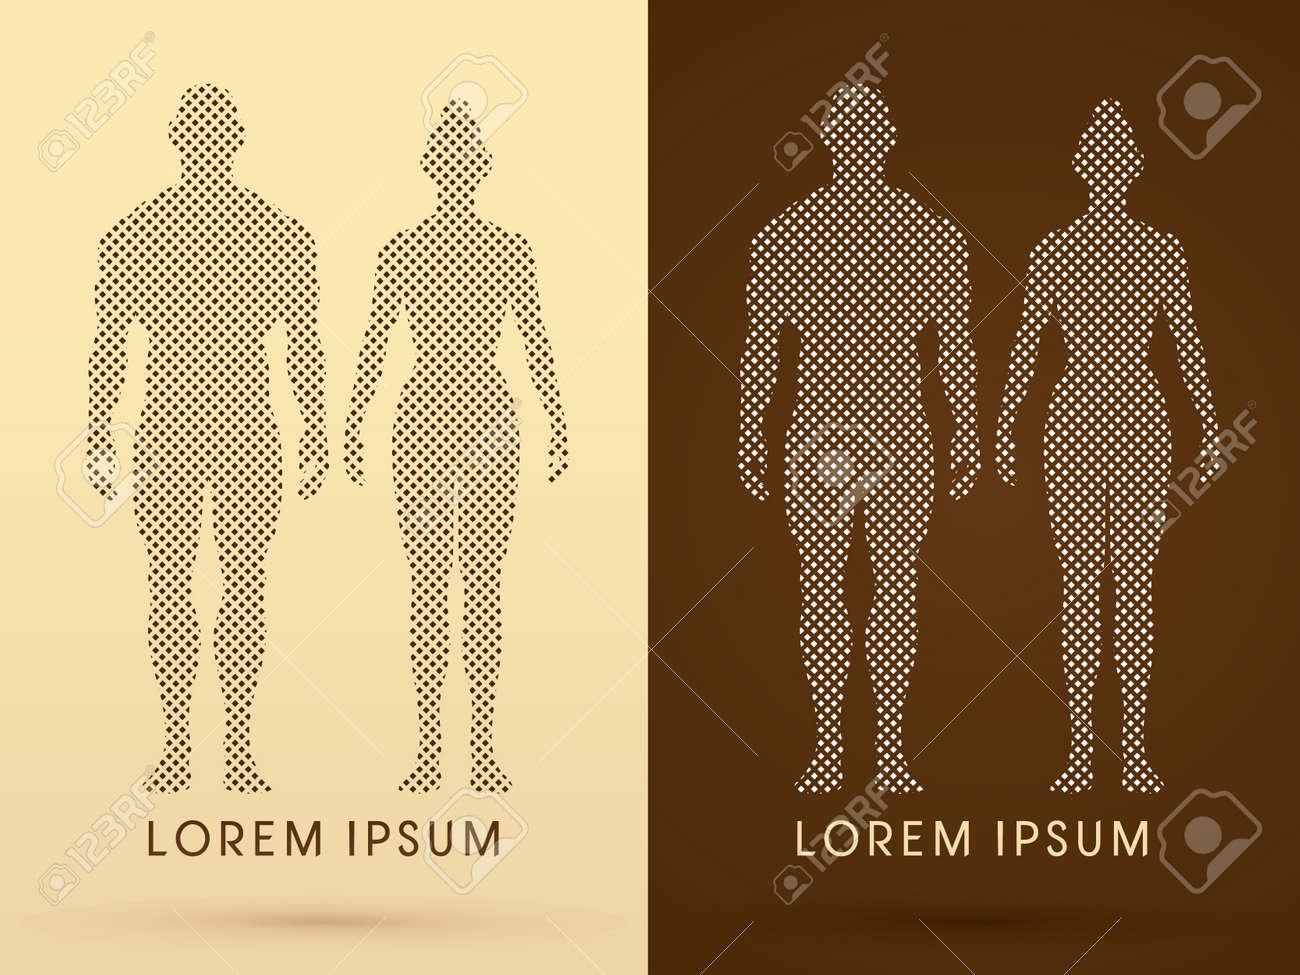 Männliche Und Weibliche Anatomie, Menschlicher Körper, Voller Körper ...